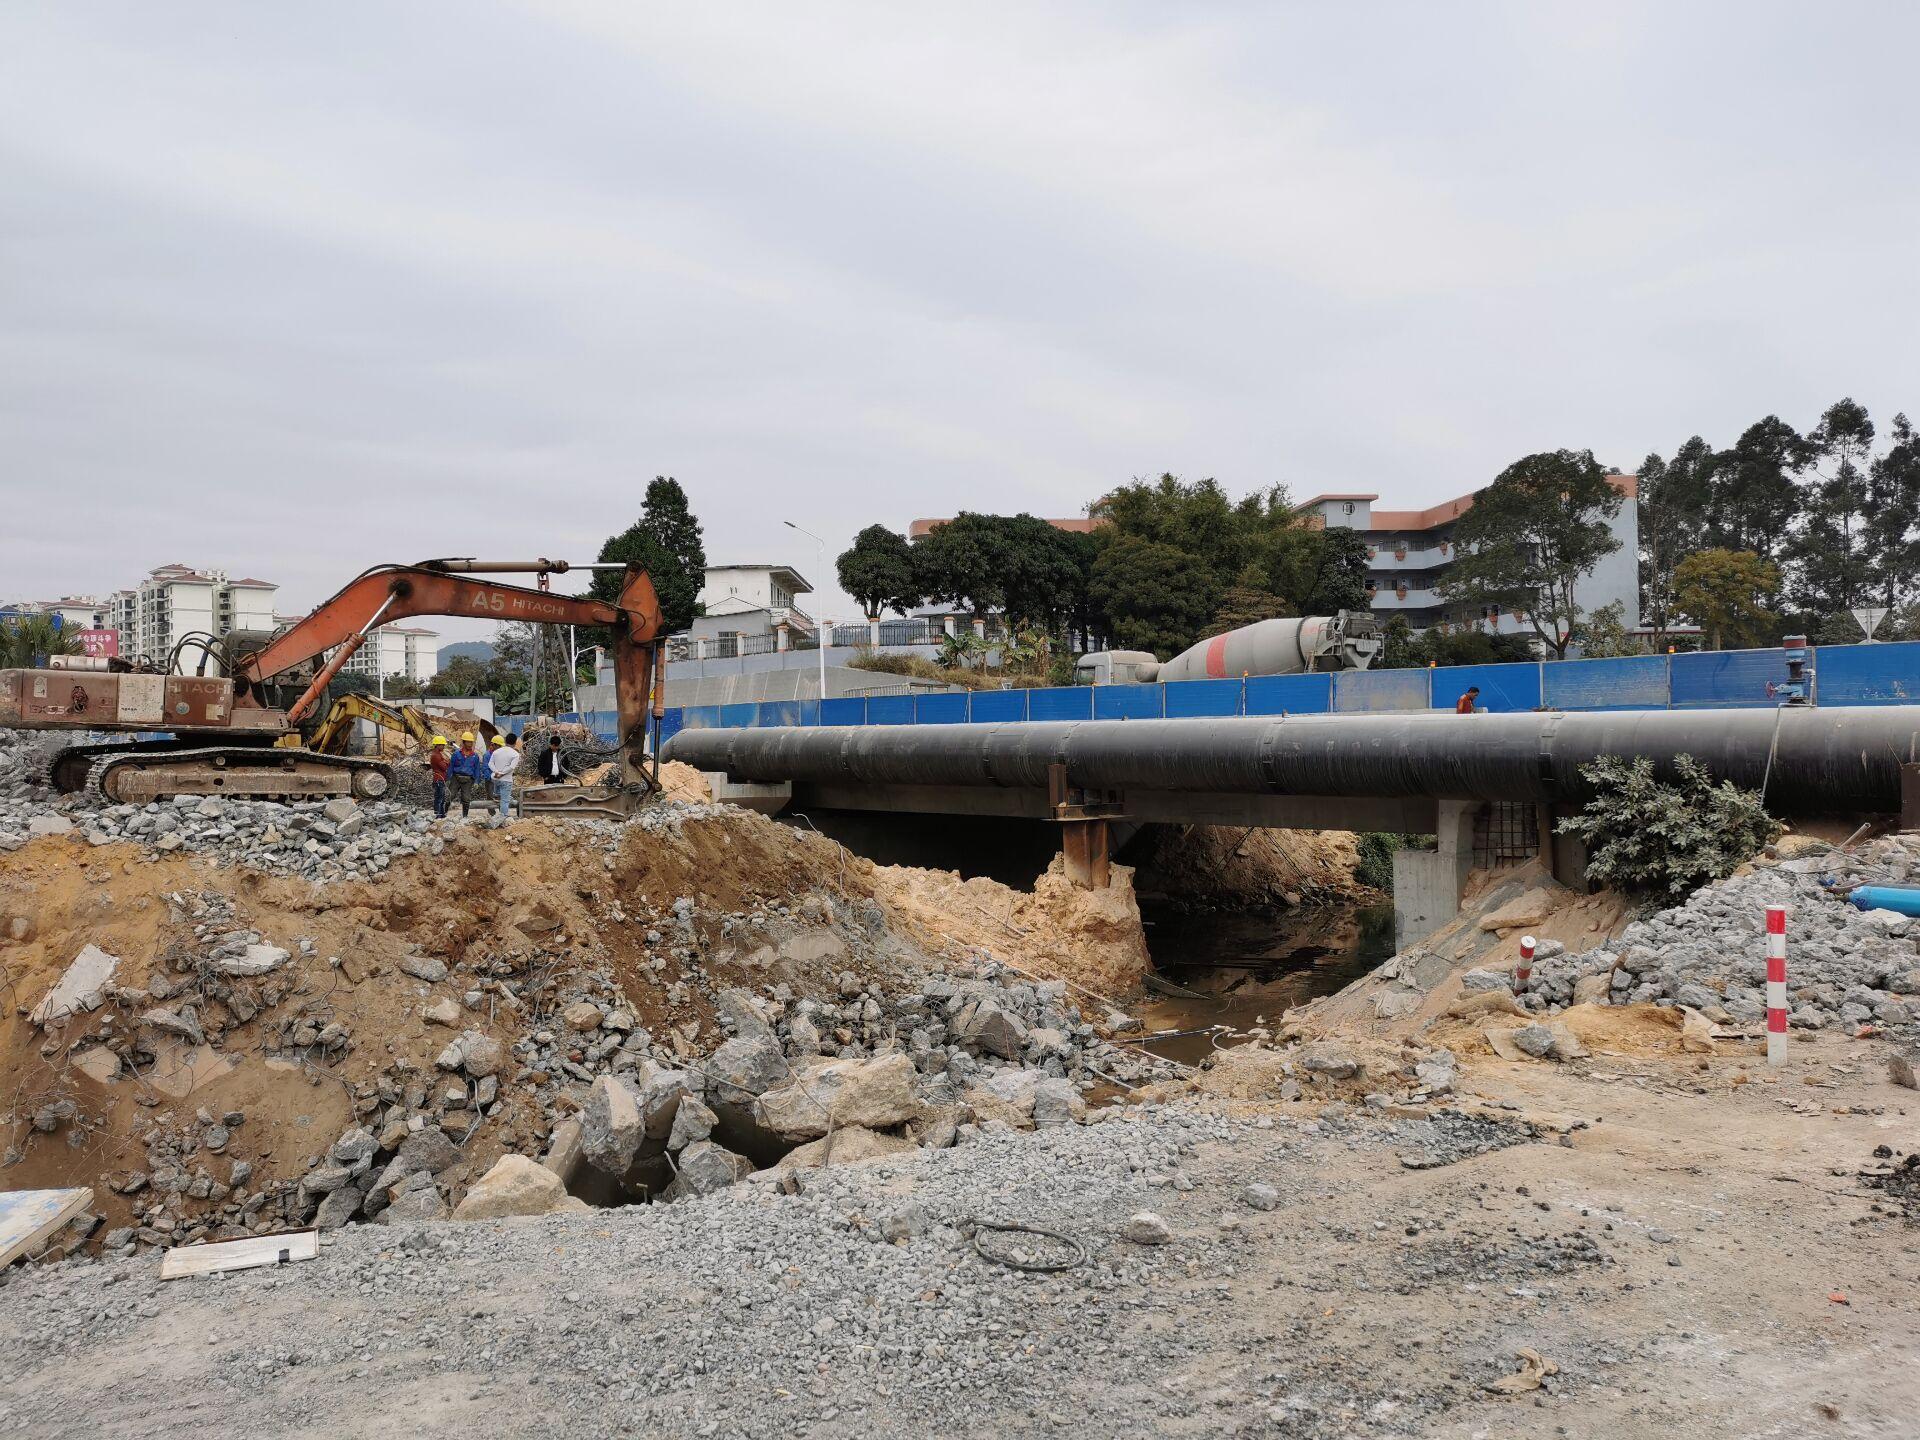 丹灶橋舊橋被拆除 江僑路改造工程進入收尾階段